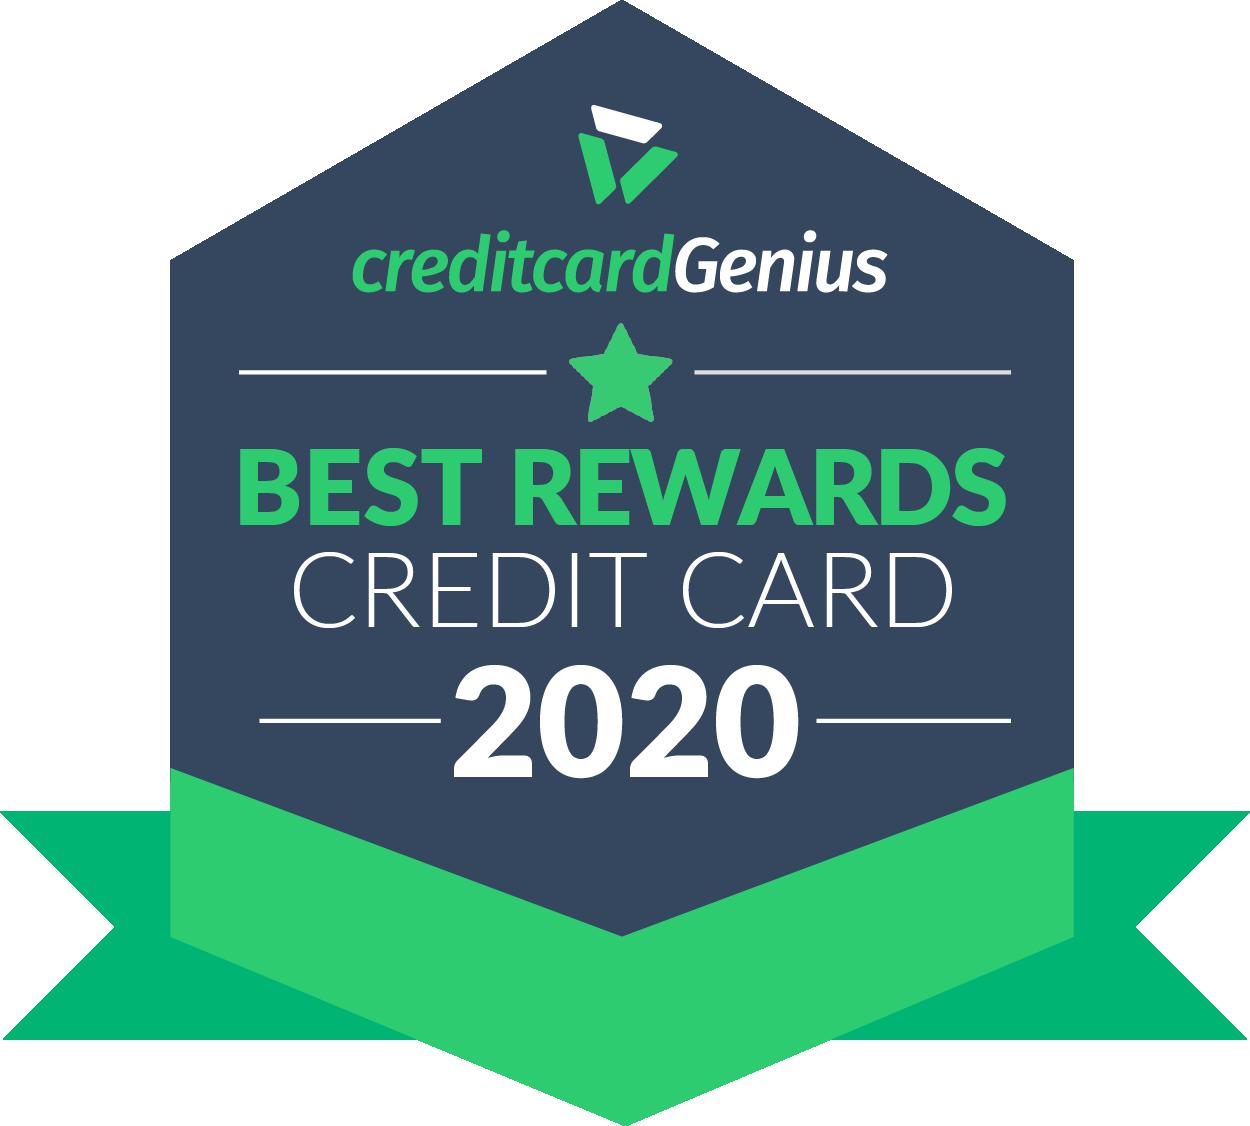 Best rewards credit card for 2020 award seal